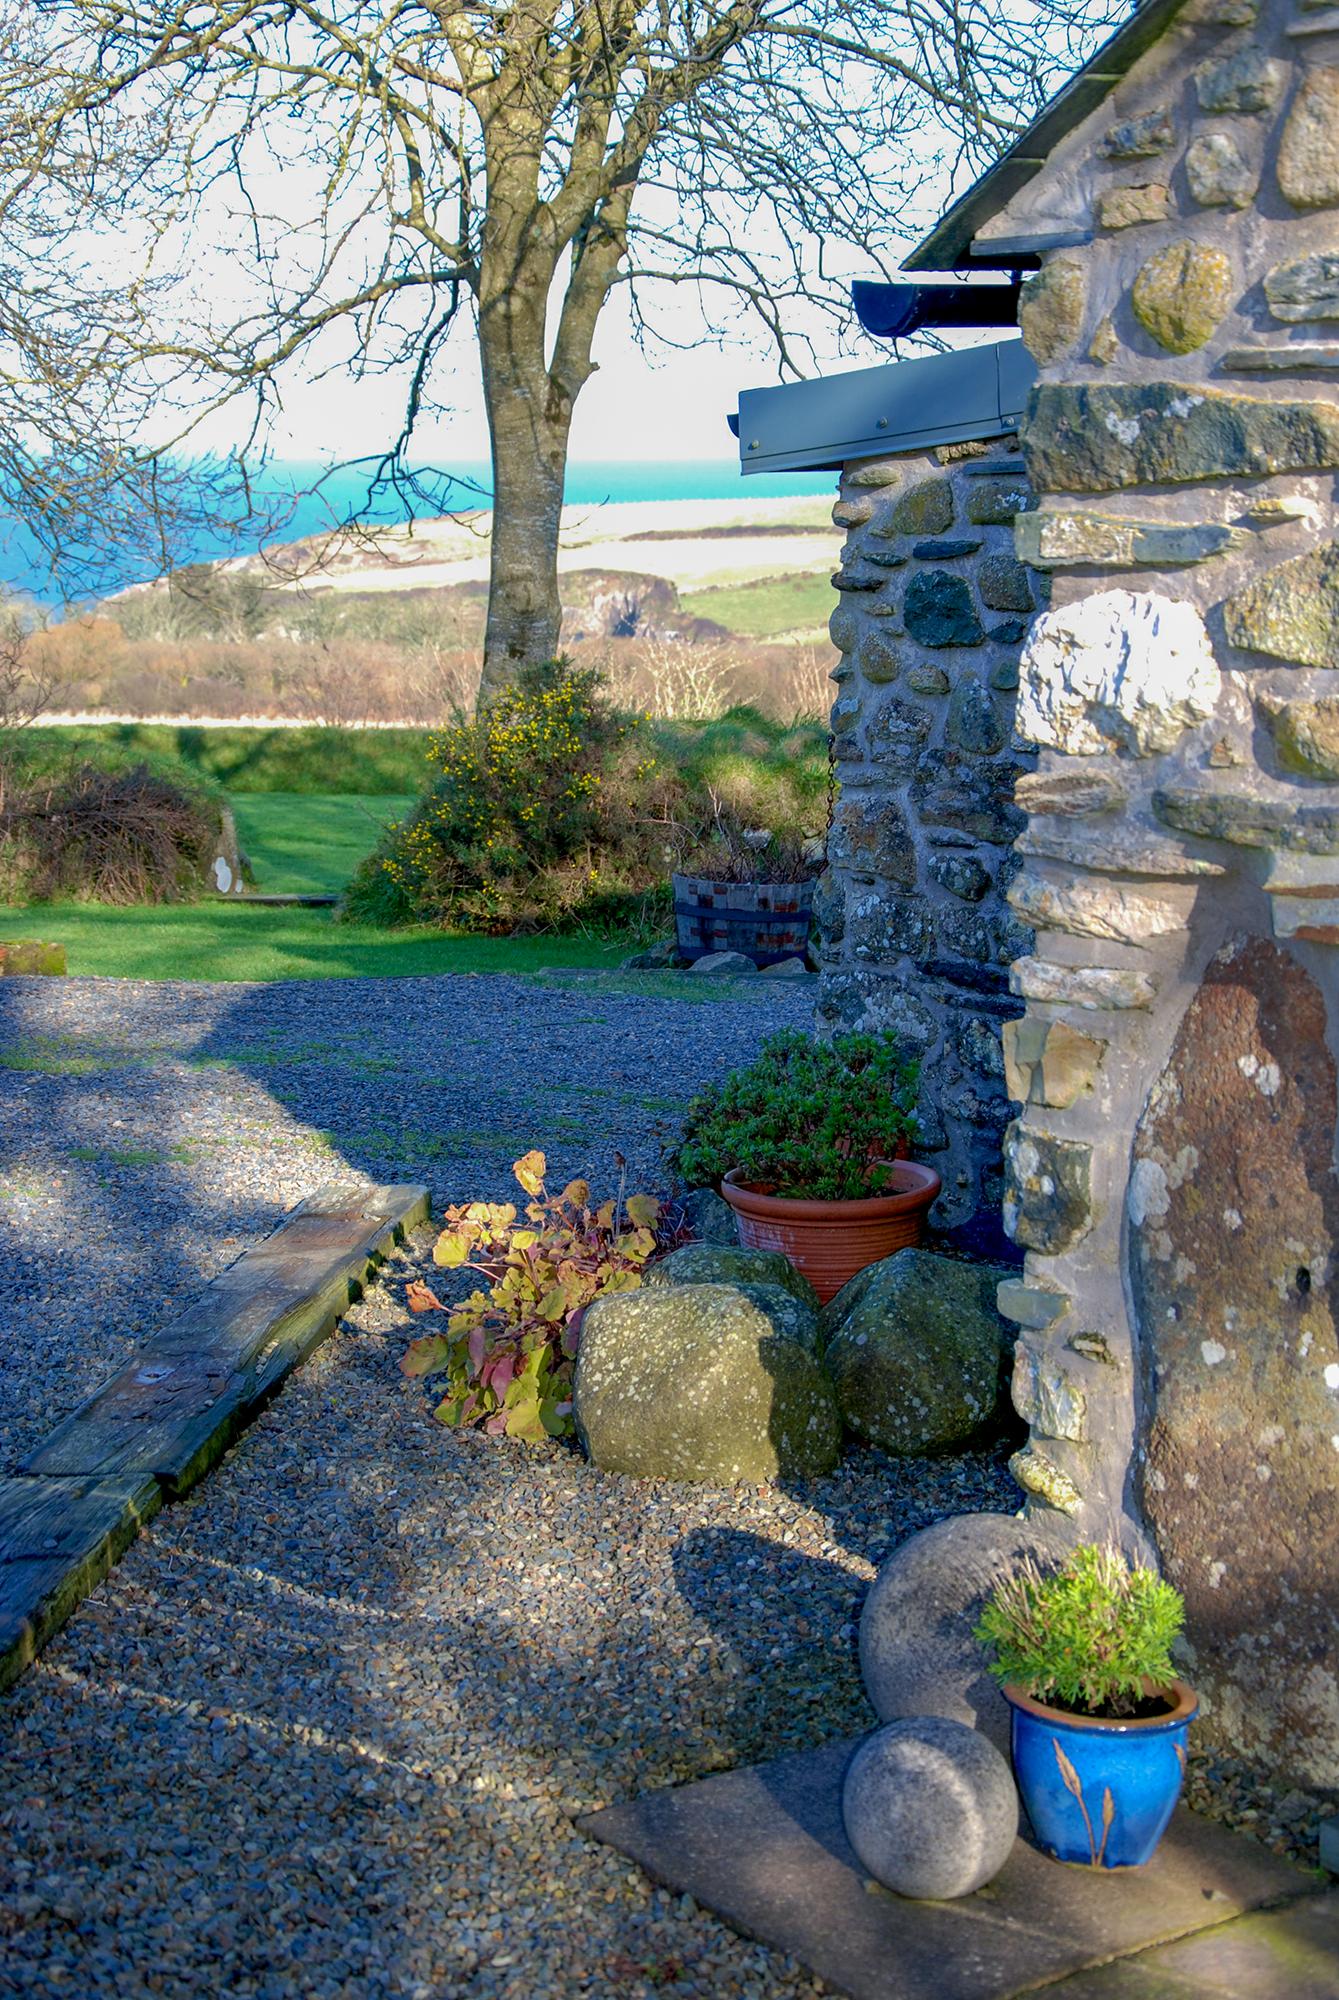 Yr Hafan- Penberi Self Catering Cottage set in 1.6 acres of landscaped garden